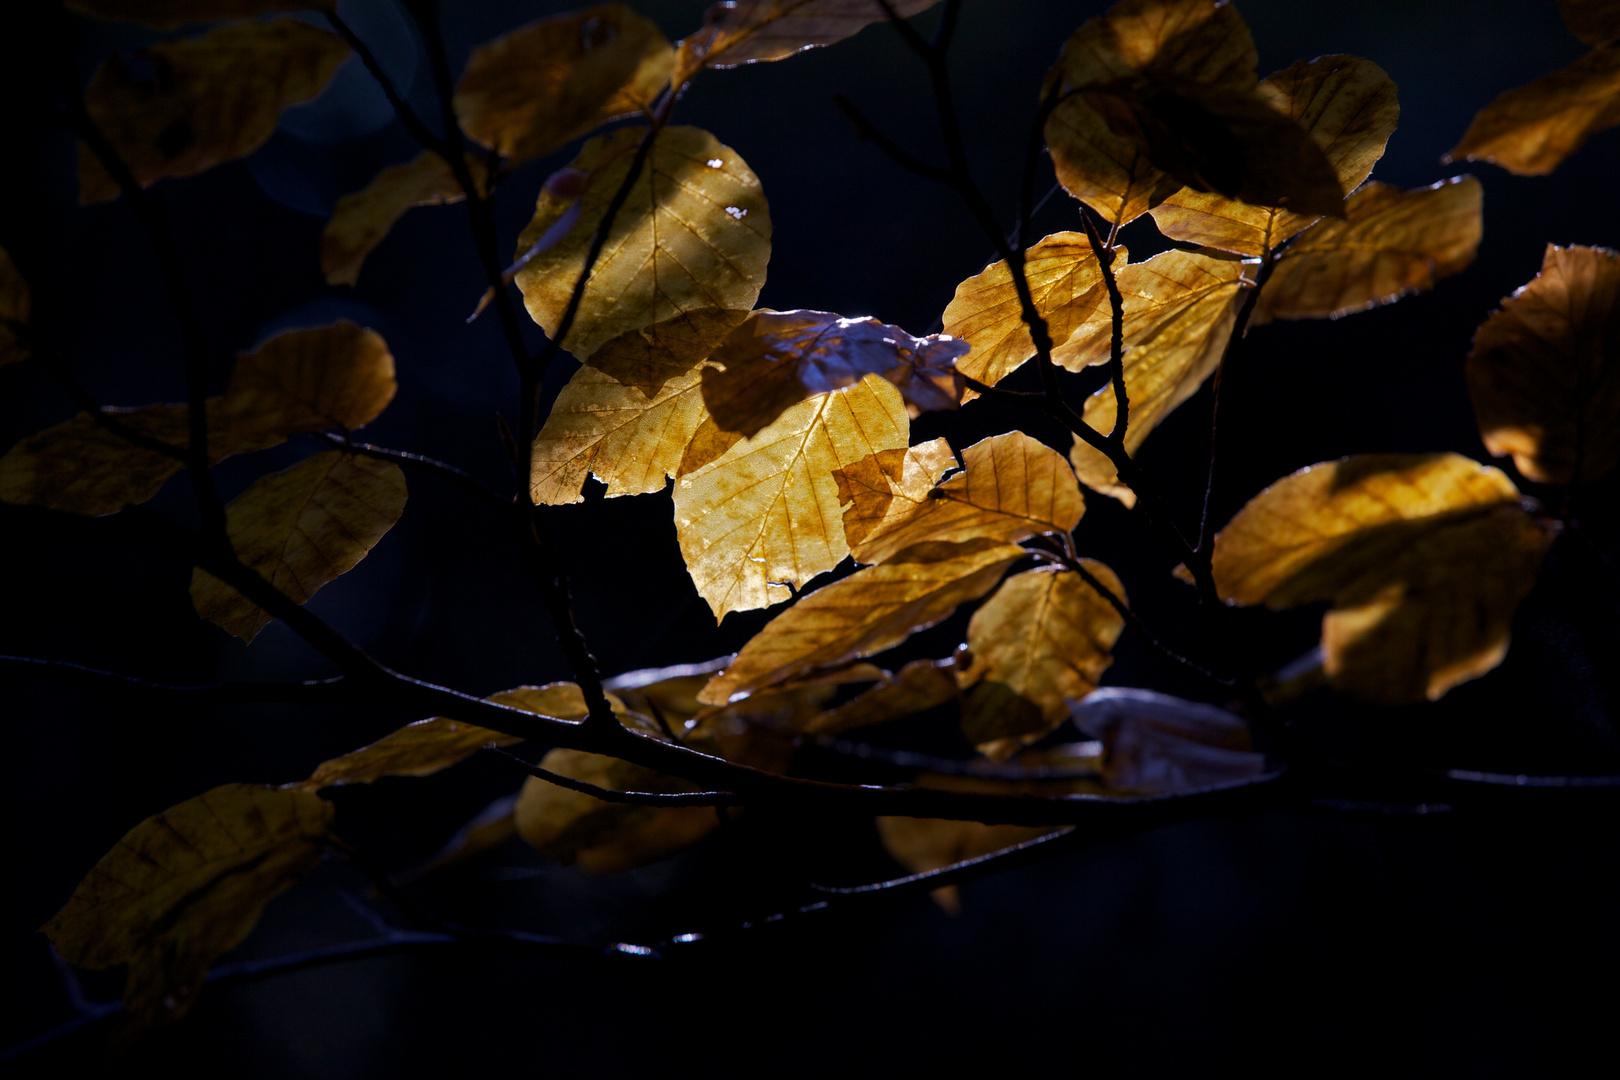 Der Lichtstrahl und die Blätter